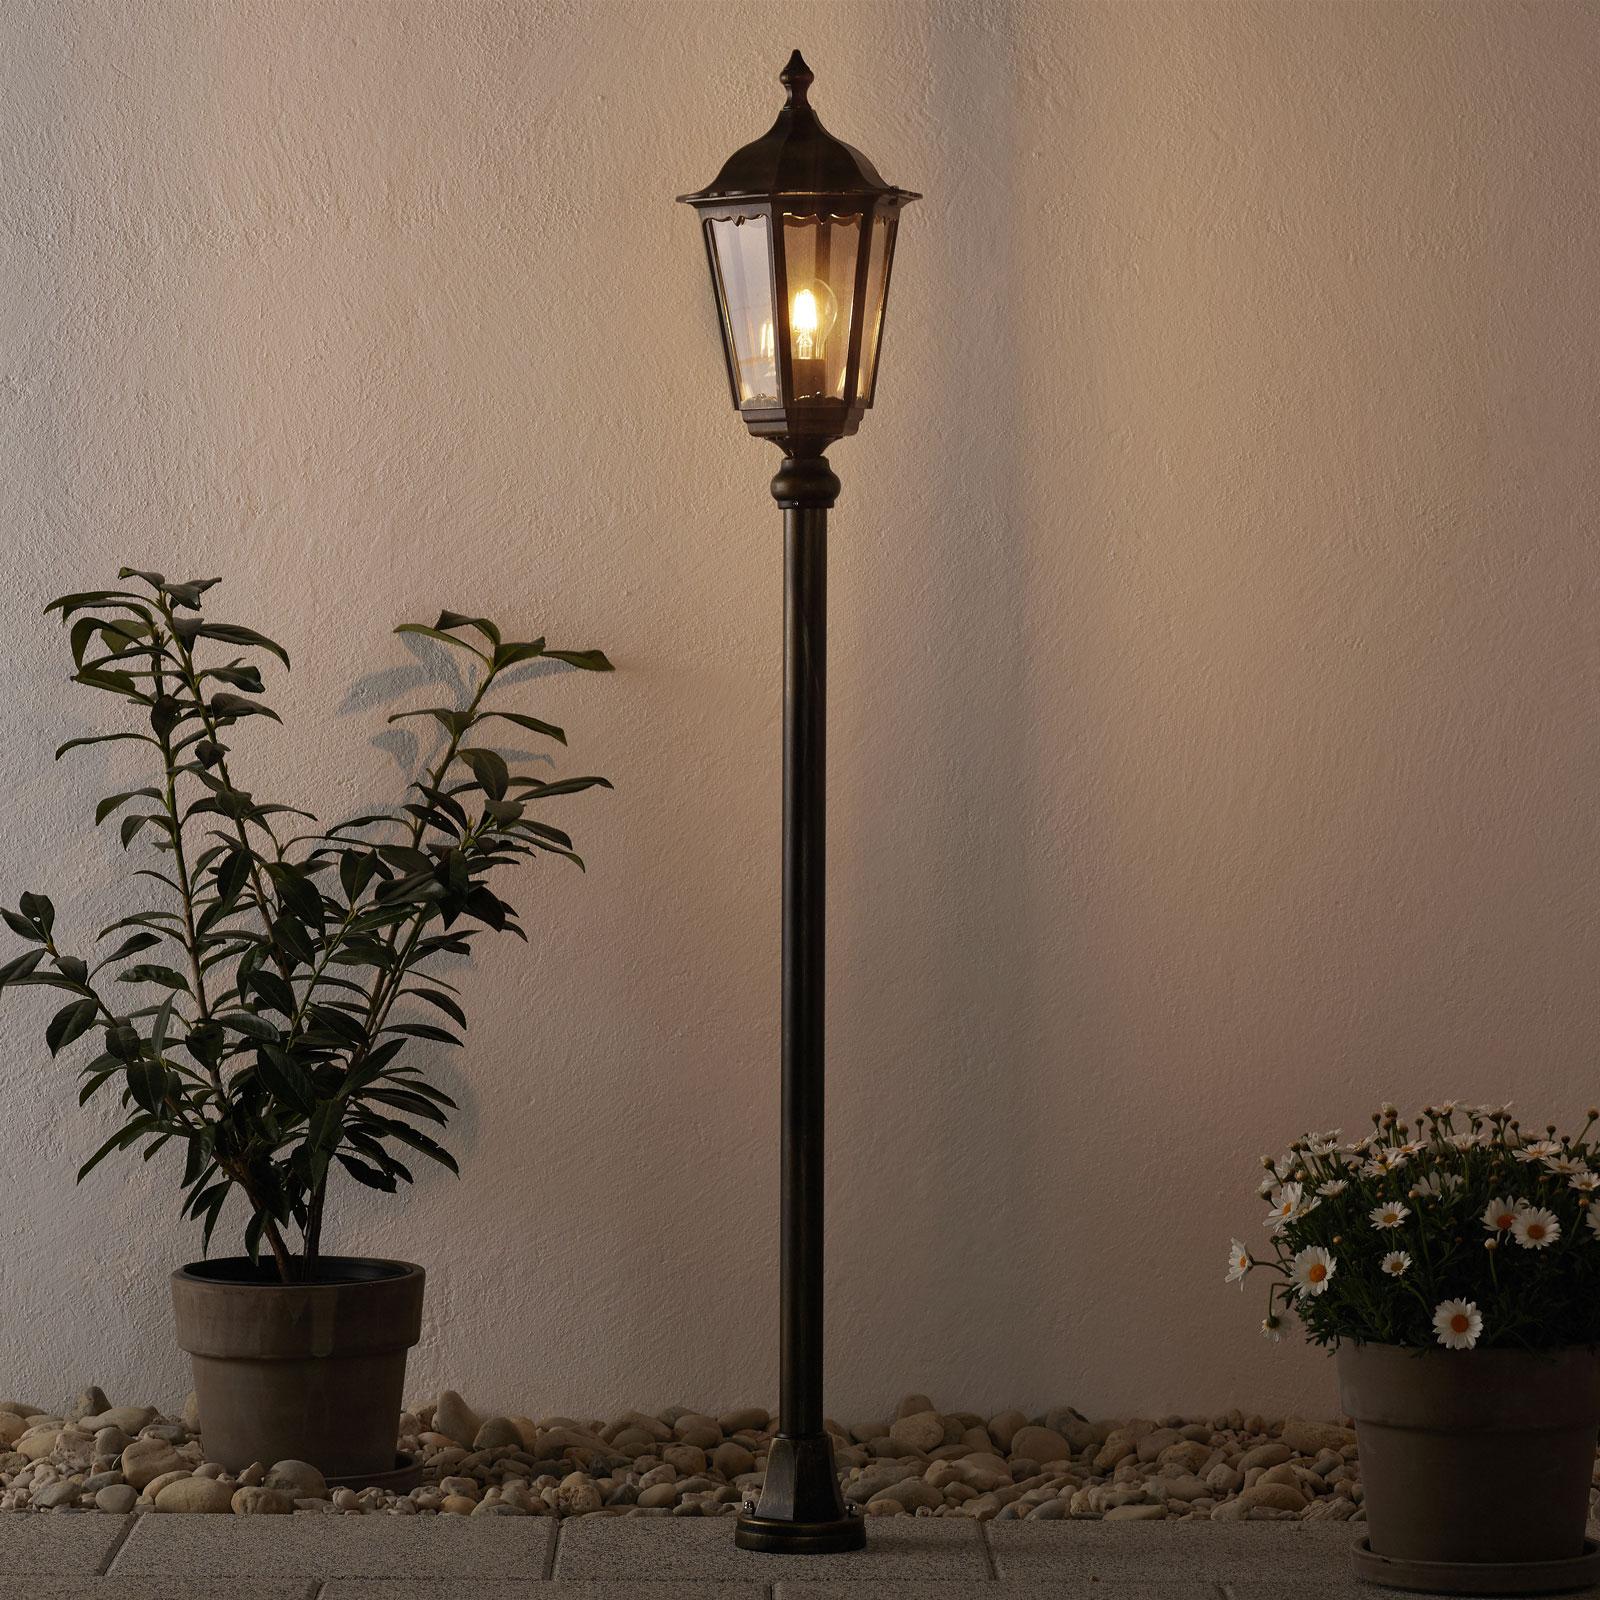 Borne lumineuse Fabio traditionnelle 140 cm